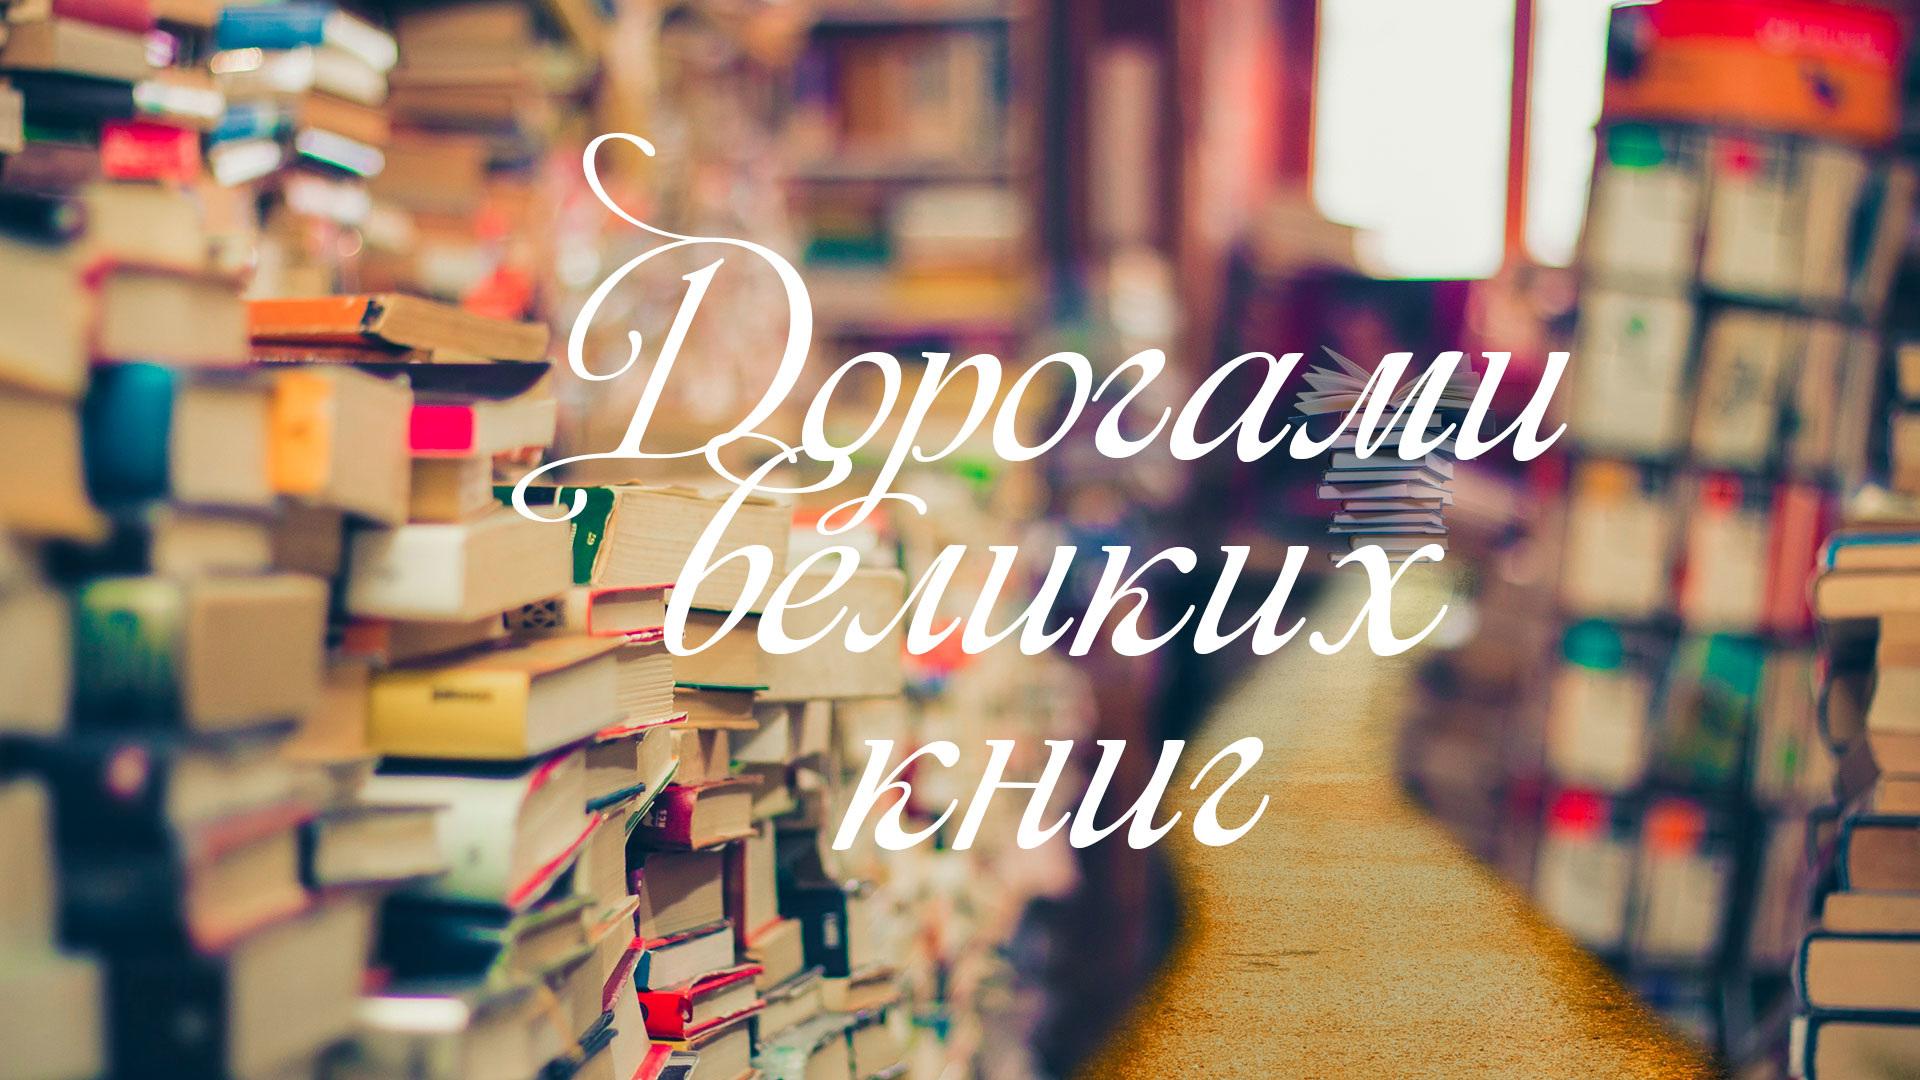 Дорогами великих книг